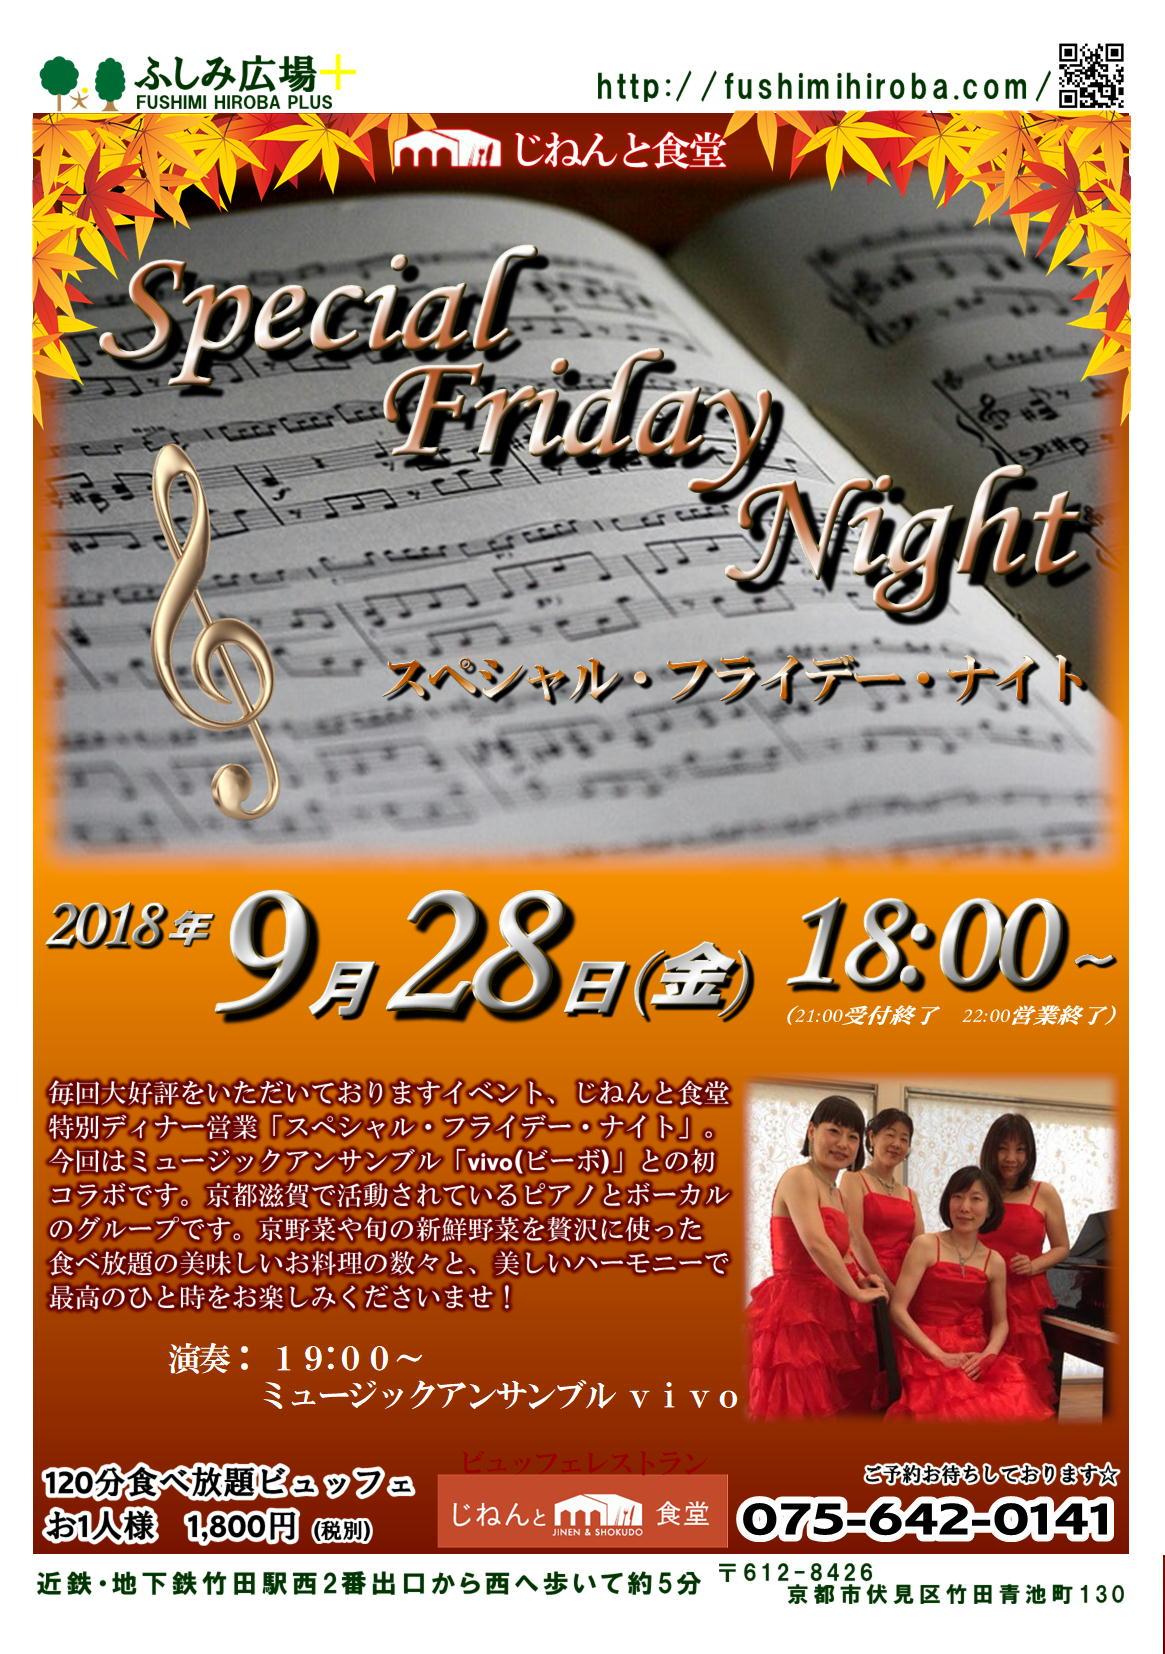 9月28日(金)特別ディナー営業開催決定!